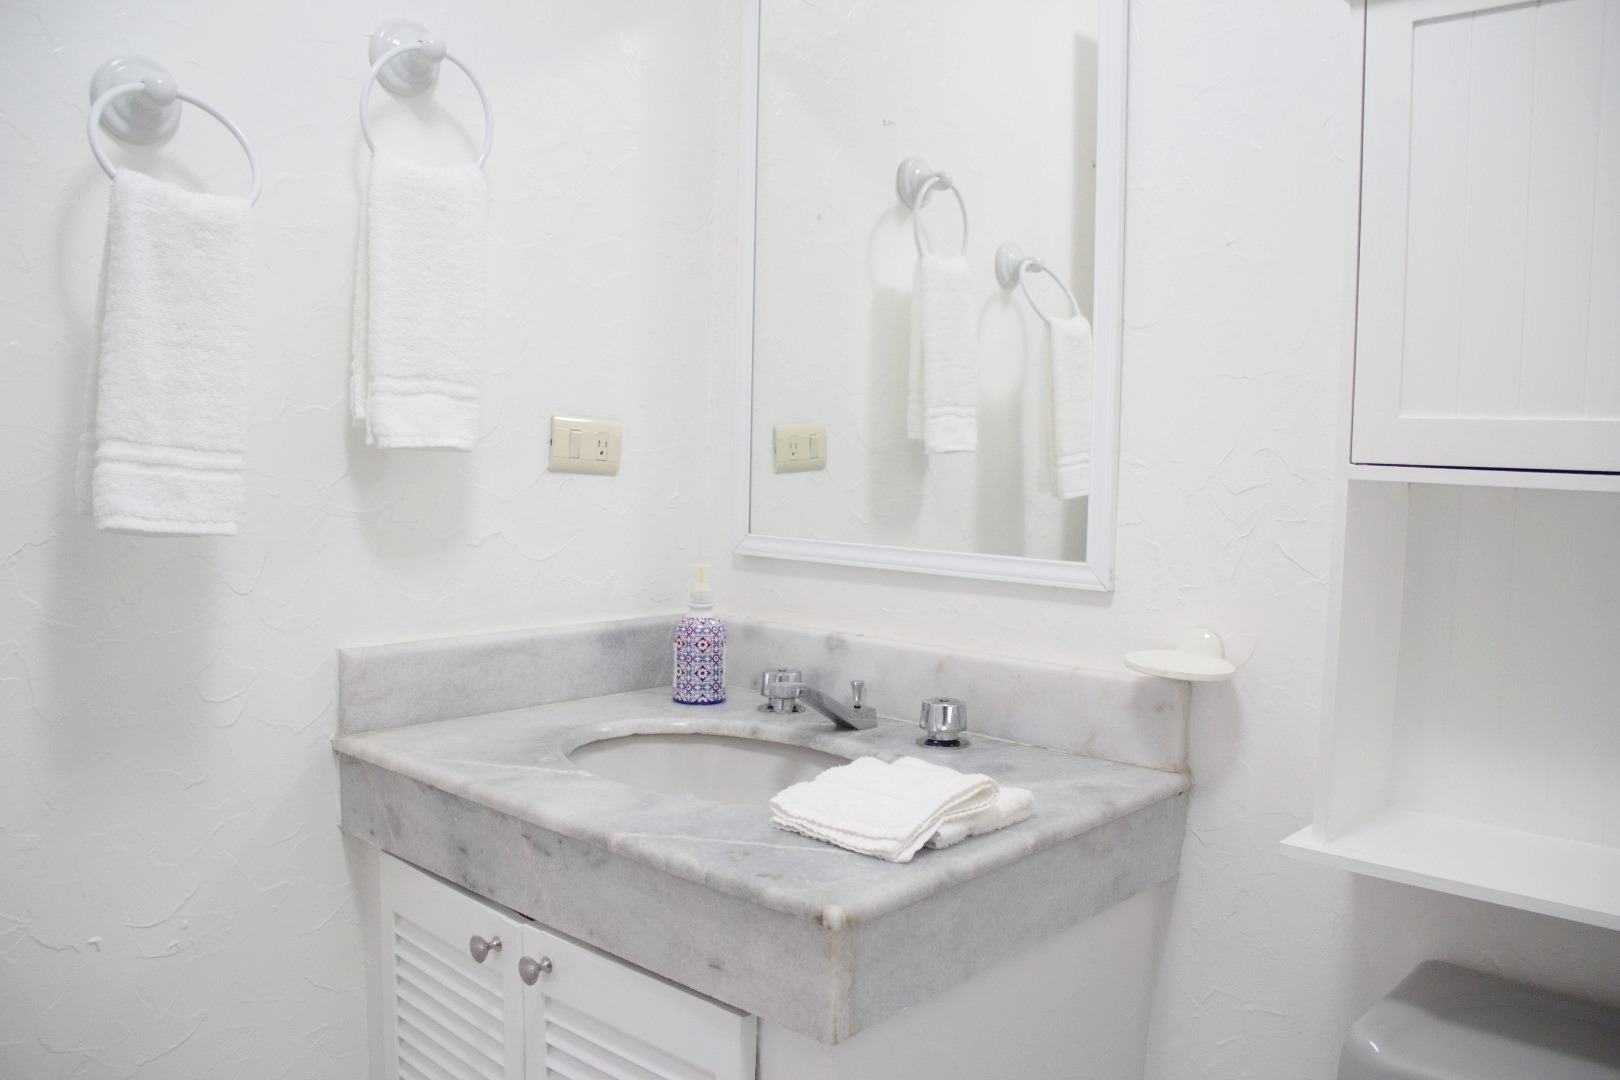 Vanity in second bathroom.